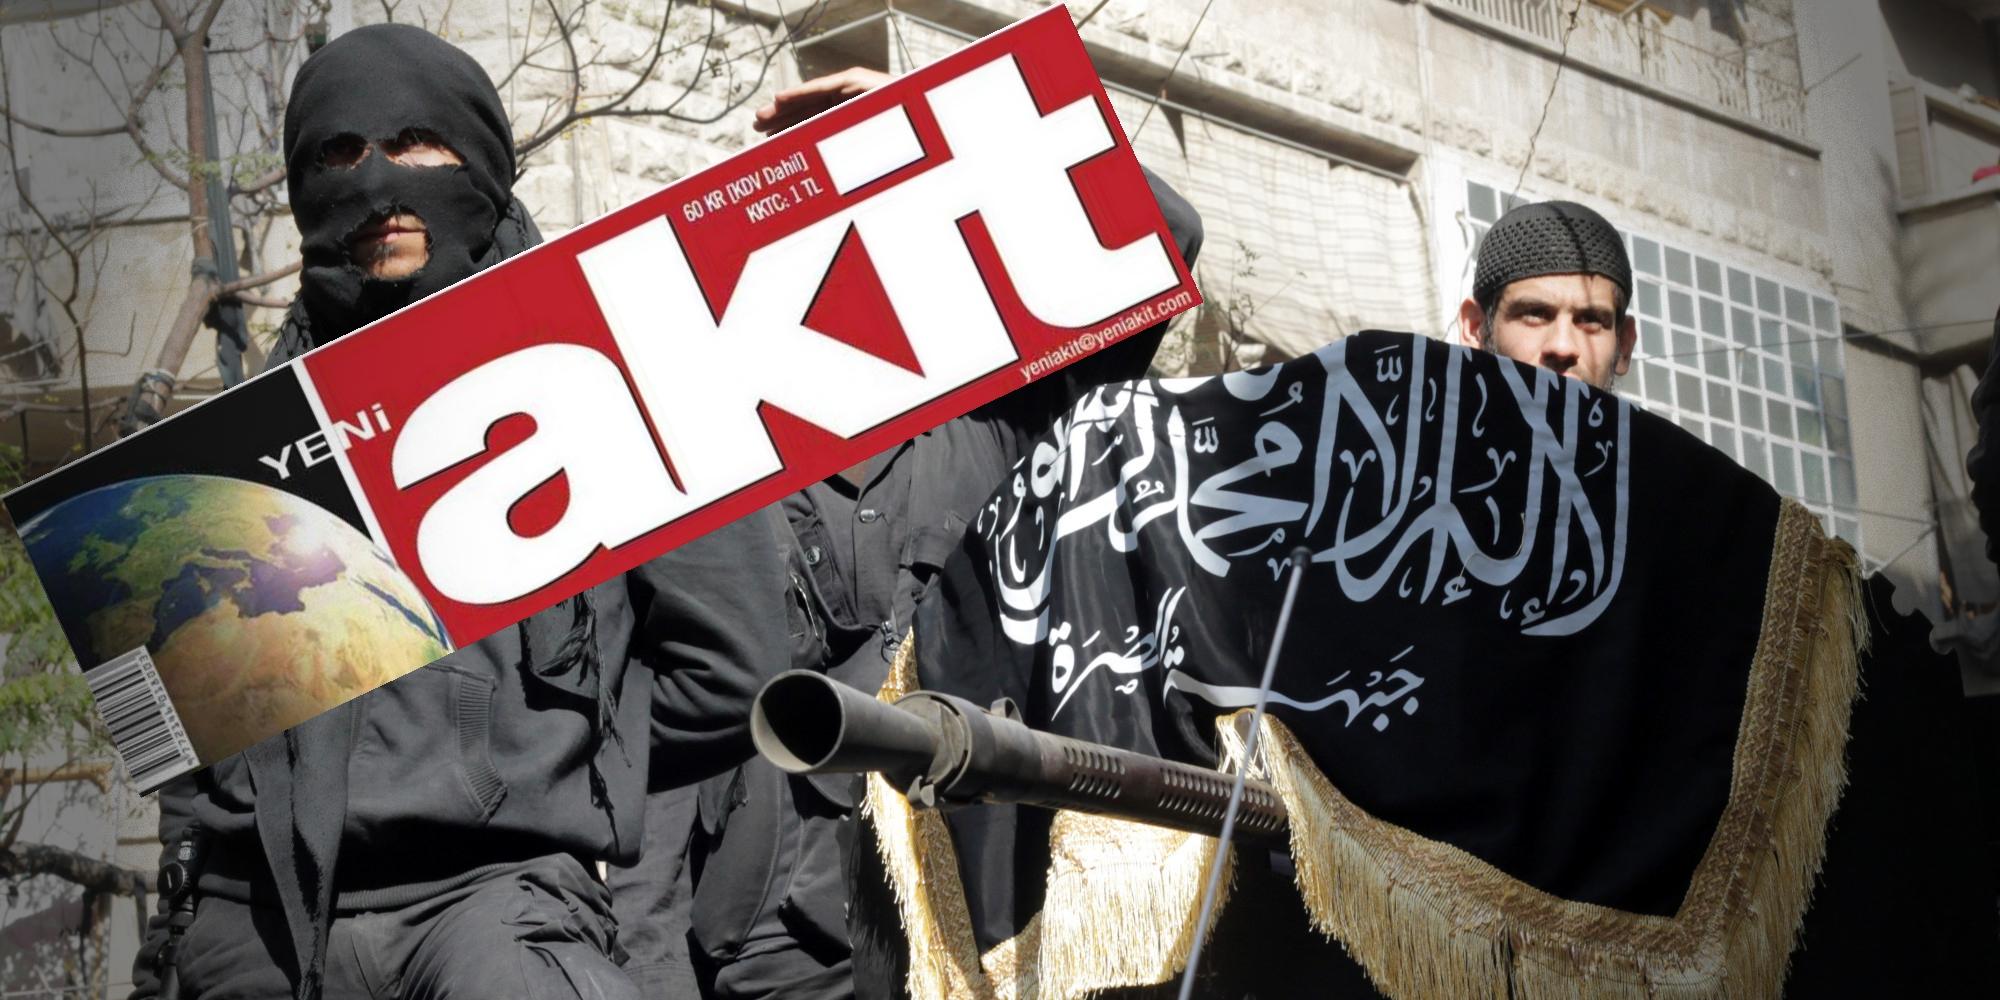 Akit ne yapacağını şaşırdı: NATO üyesi Türkiye'de